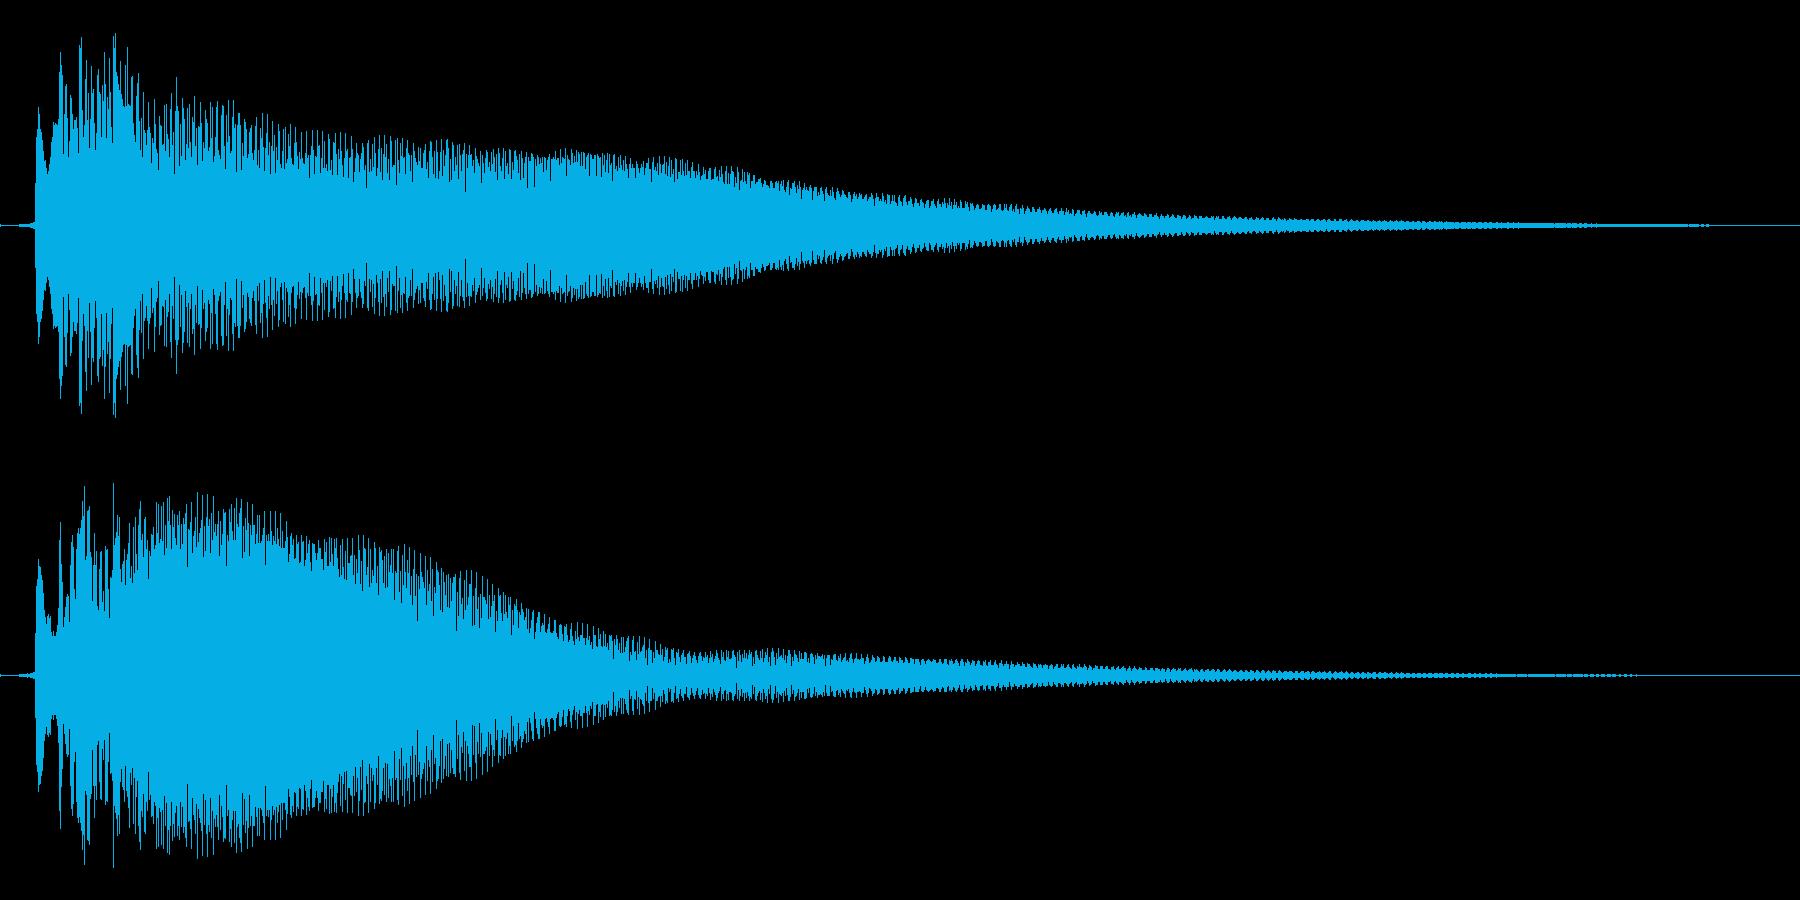 ひらめきの音の再生済みの波形